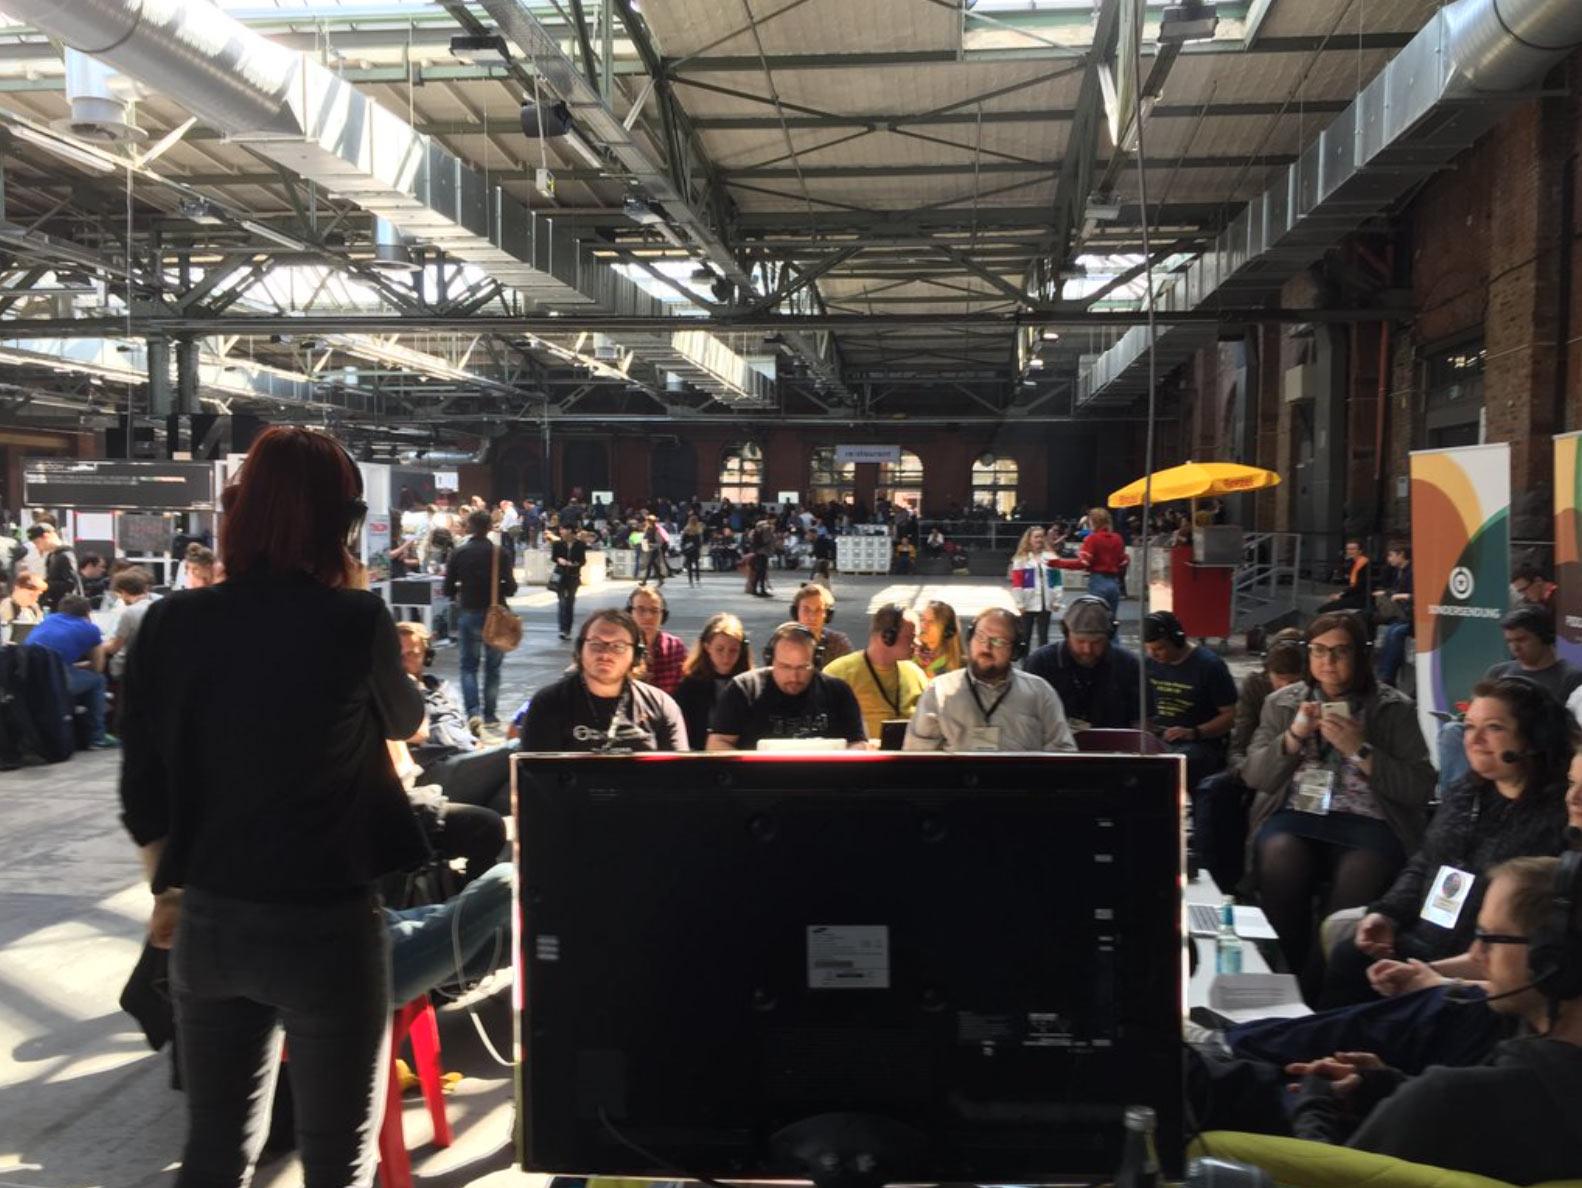 Die Community will den Zugang zu Podcasts erleichtern. Veranstaltung der @PodcastpatInnen auf der re:publica 2016. Foto: Heiko Linke